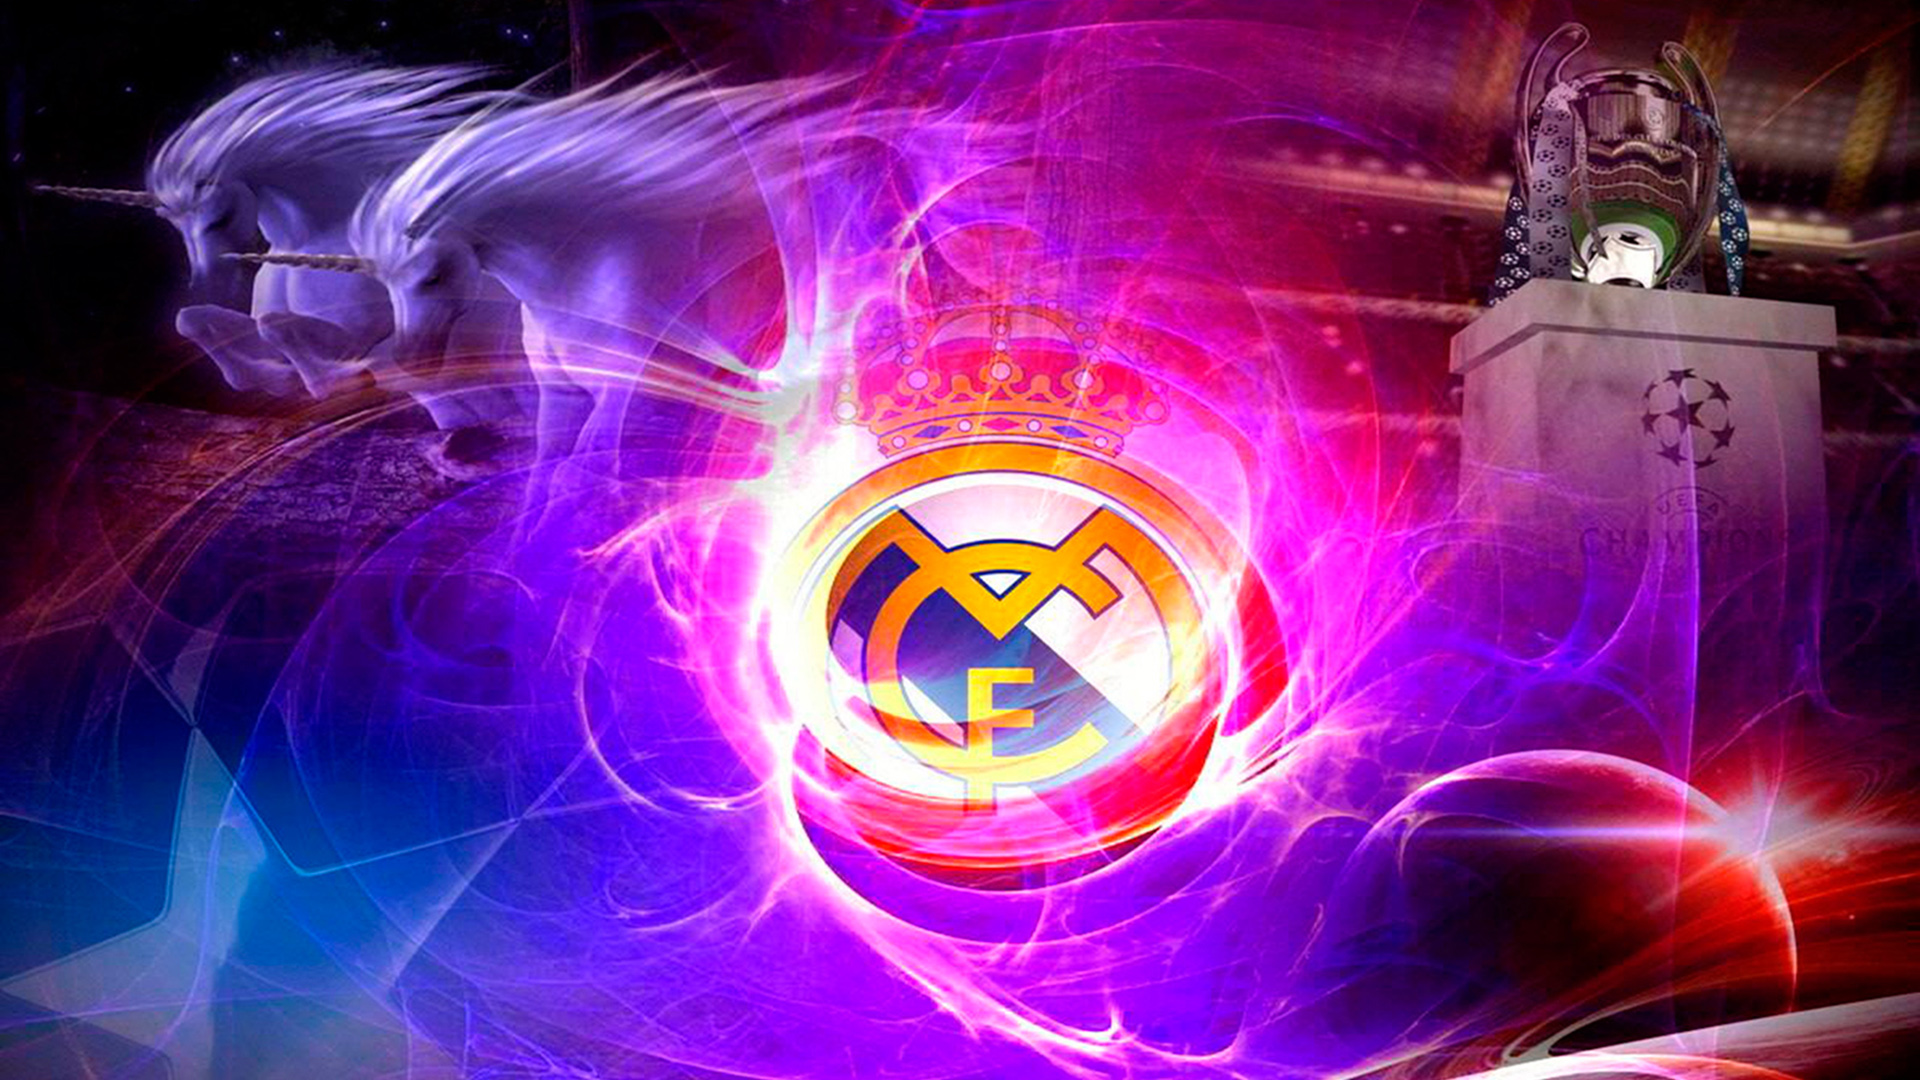 Real Madrid Wallpaper Hd Fondos De Pantalla 1920x1080